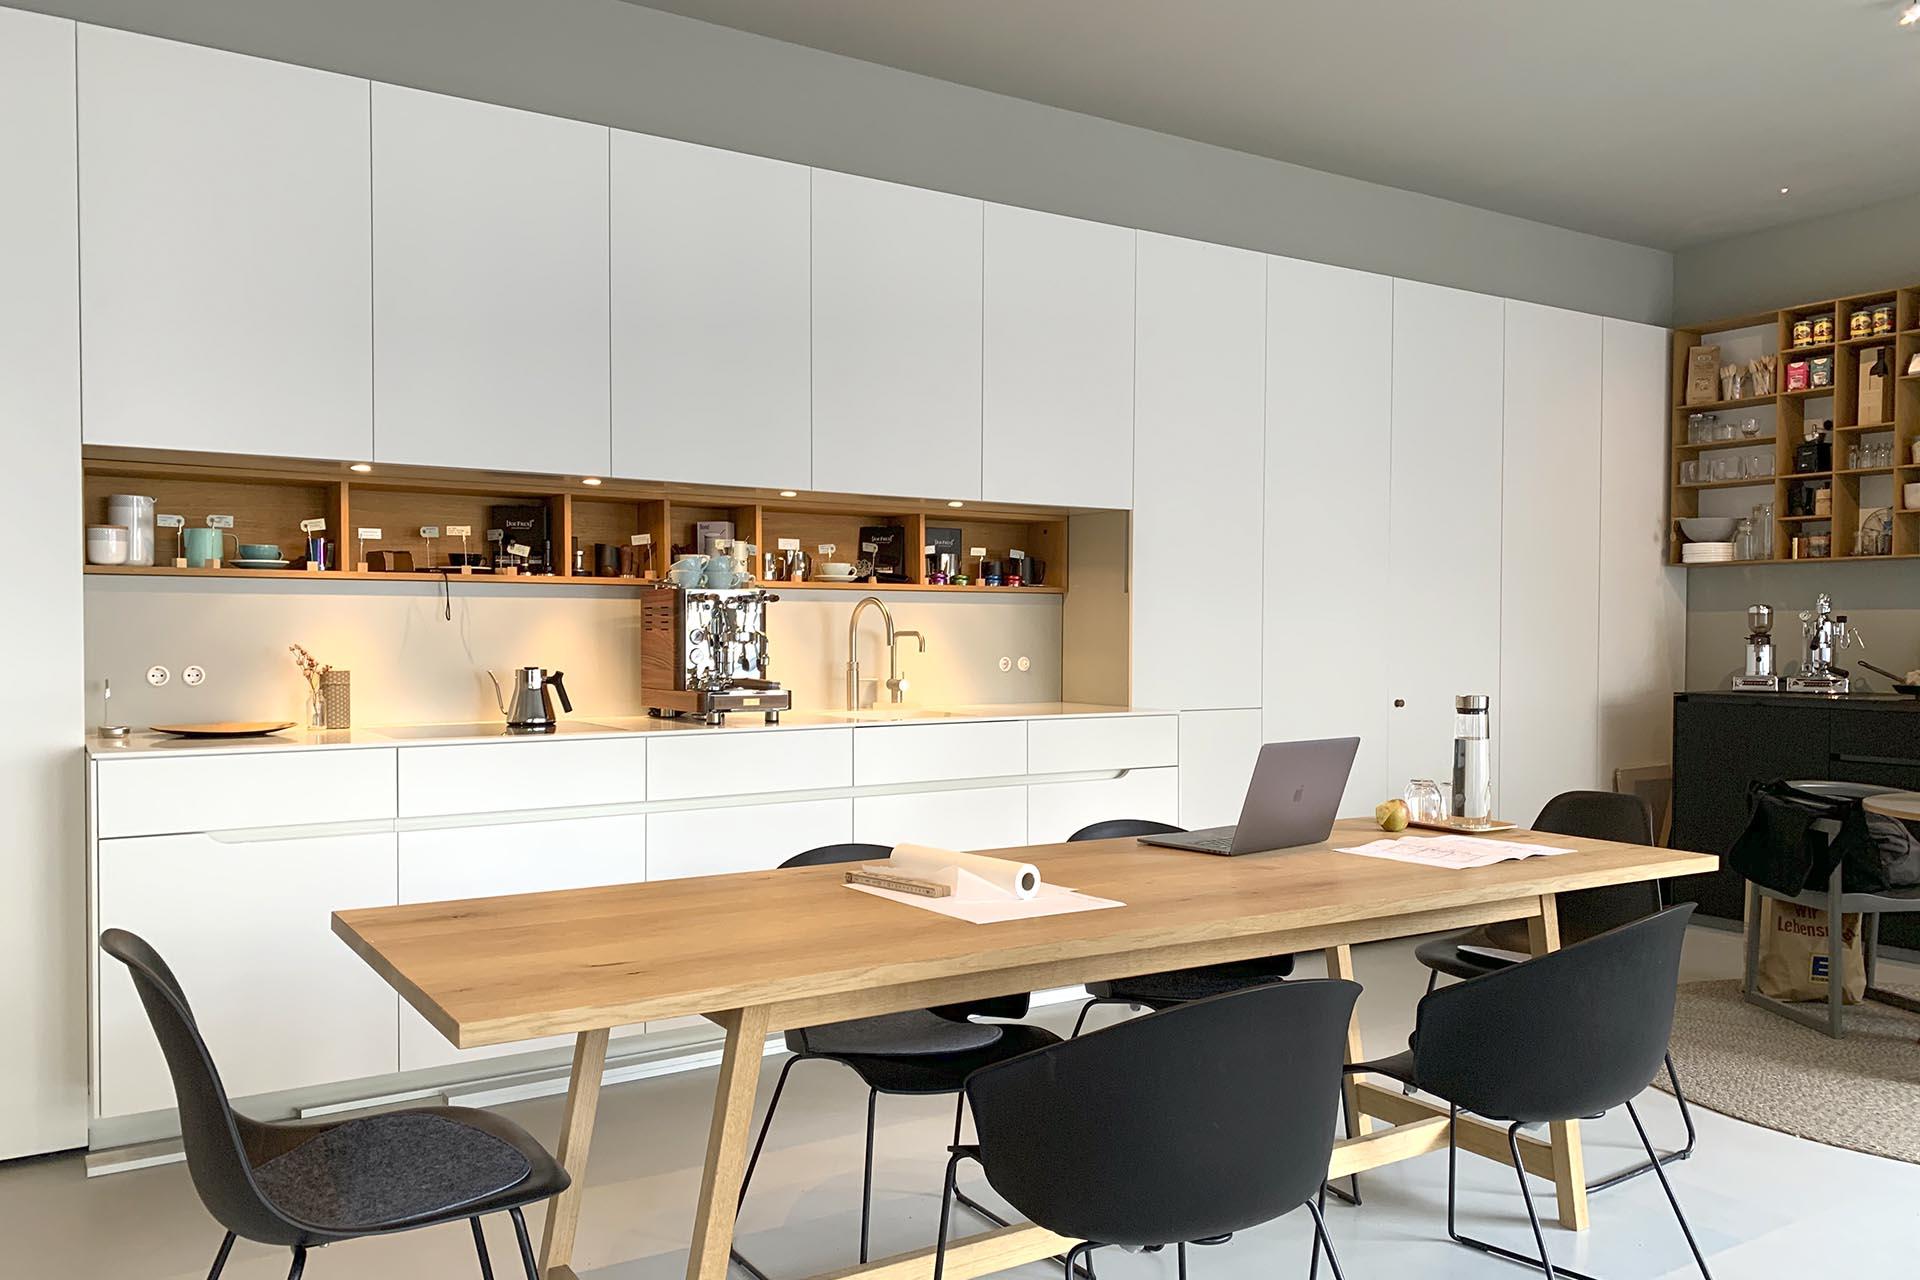 Masfina | Feine Küchen und Möbel auf Mass | Home Slider Image 011